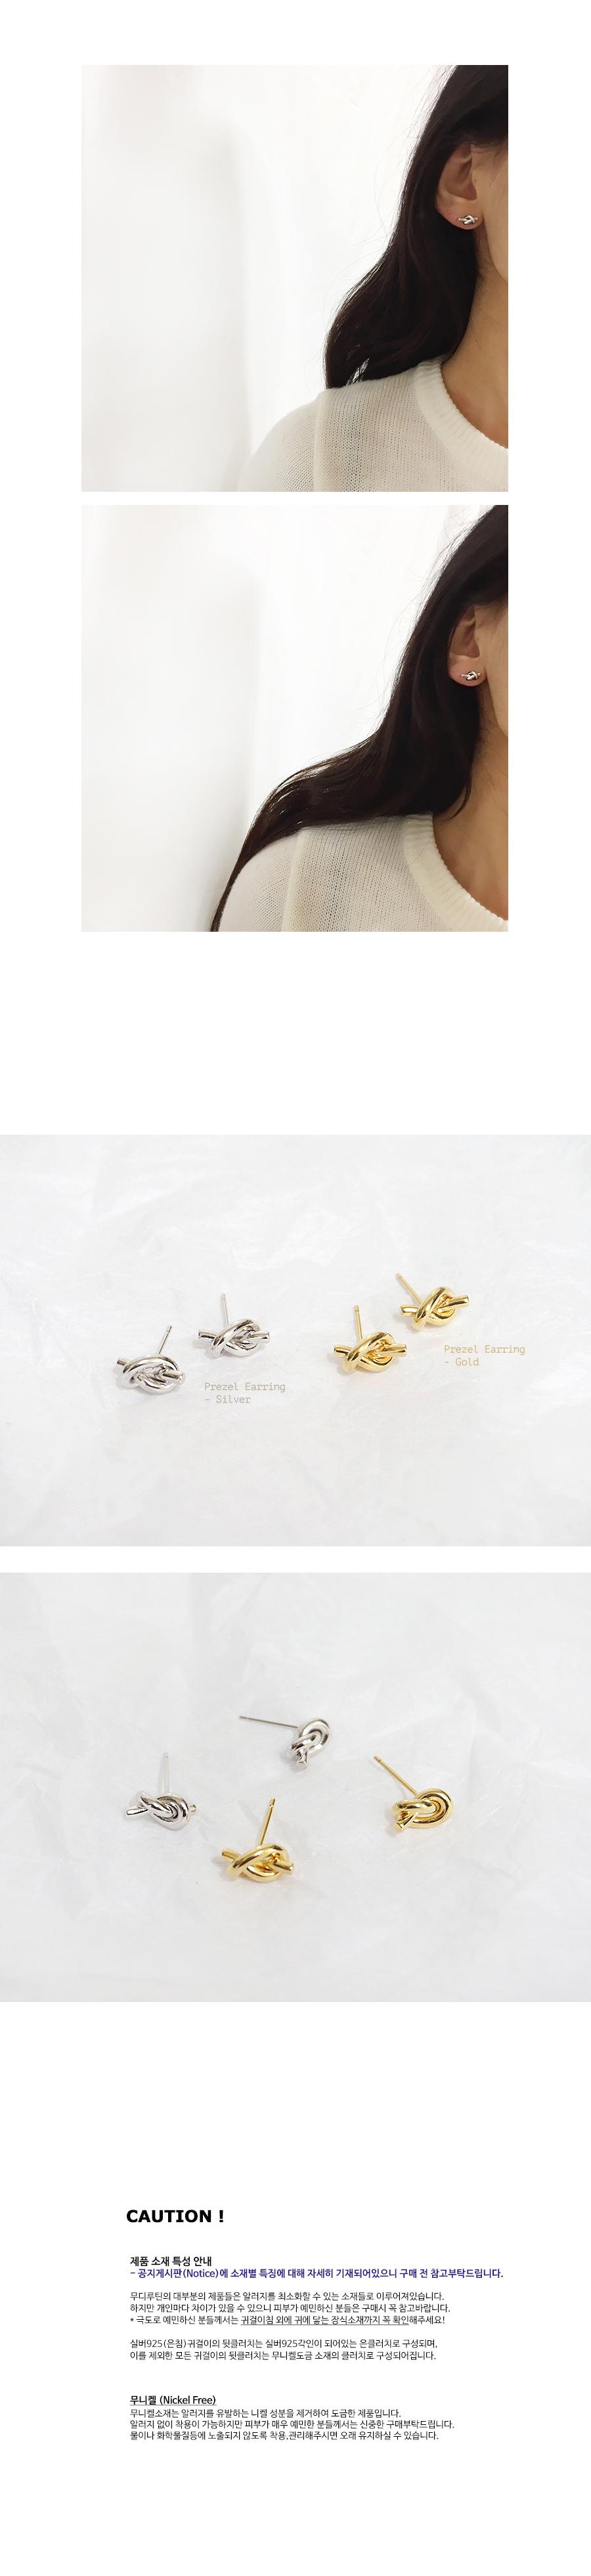 프레첼 귀걸이 (2colors) - 무디루틴, 8,000원, 실버, 볼귀걸이